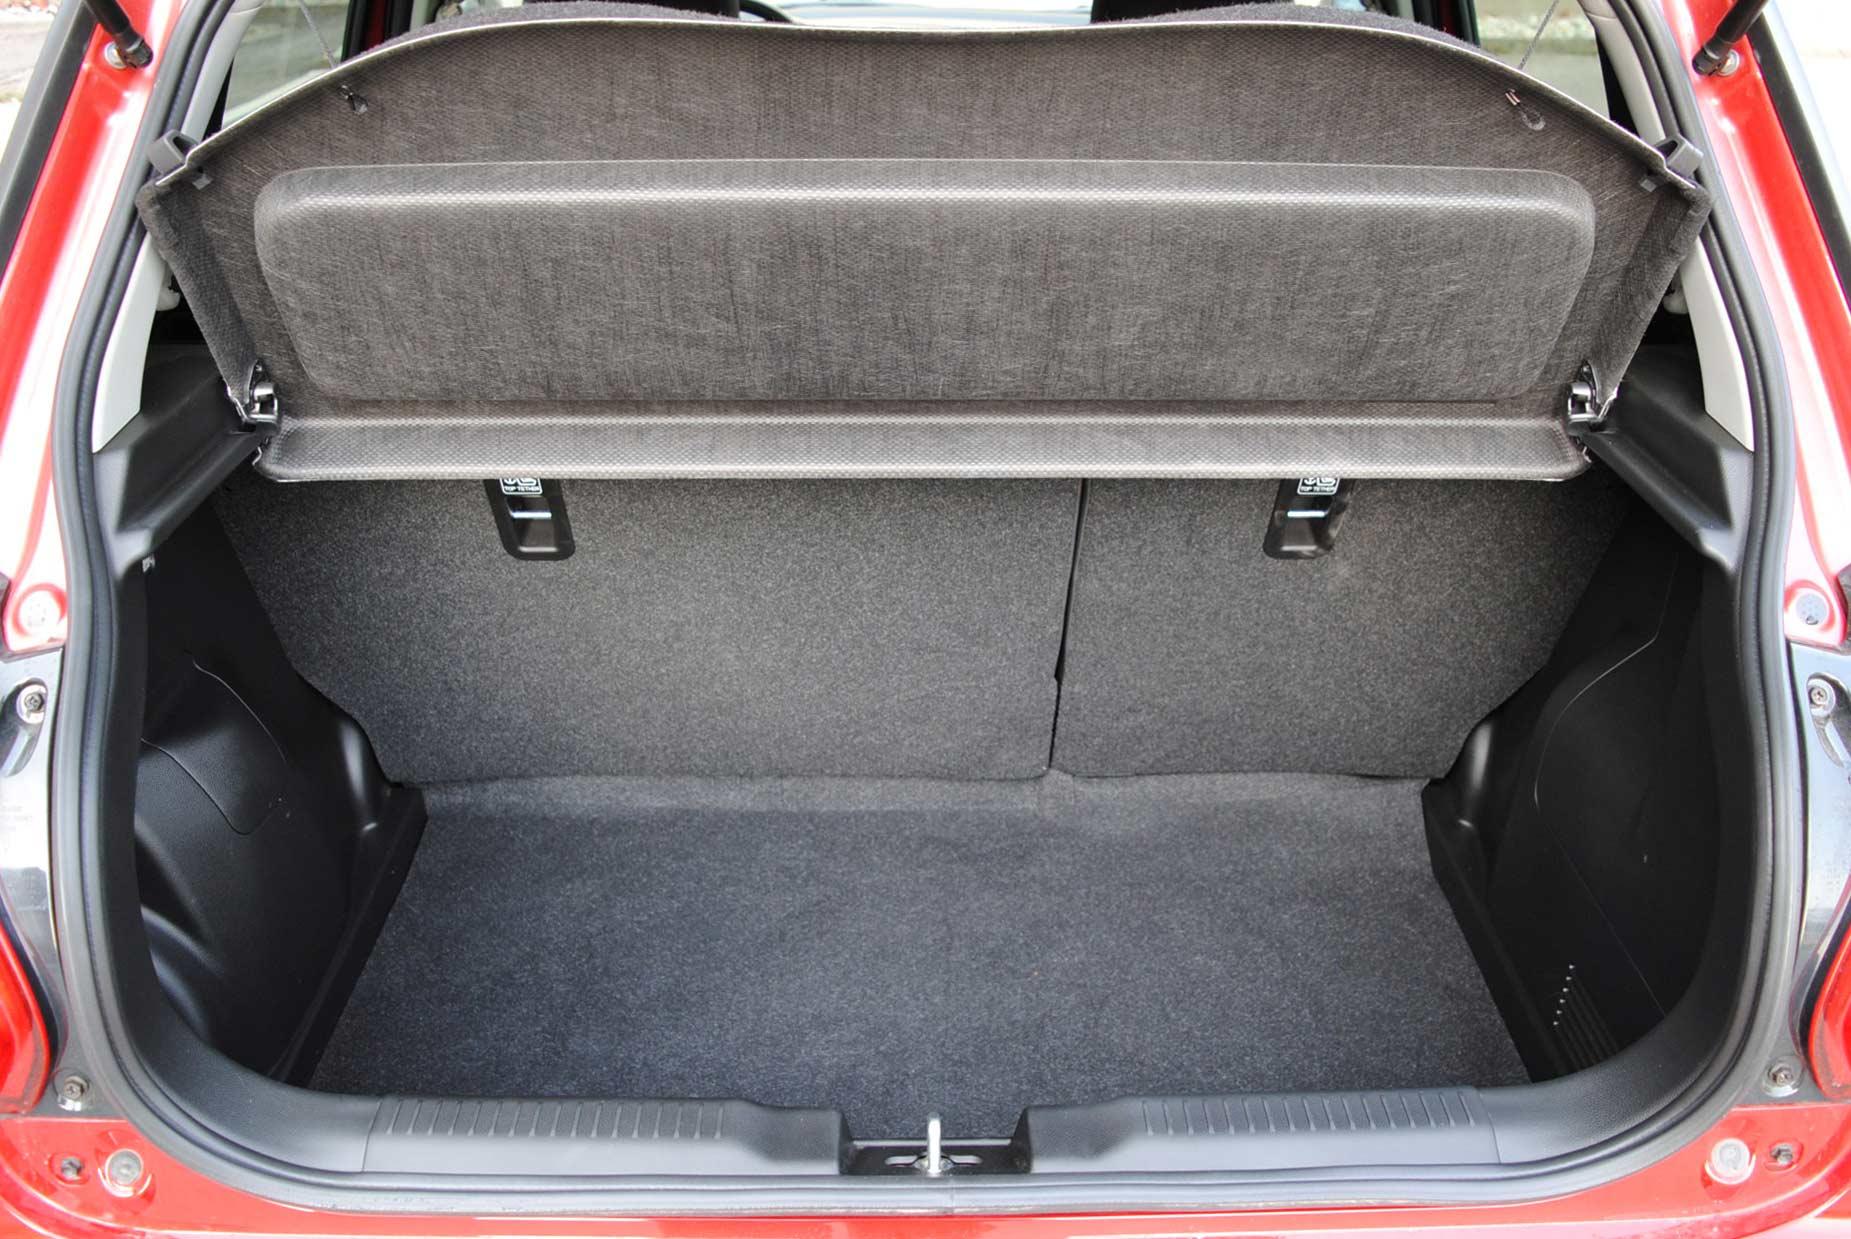 Der Suzuki Swift 12 Dualjet SHVS Allgrip Bildquelle Thomas Resch